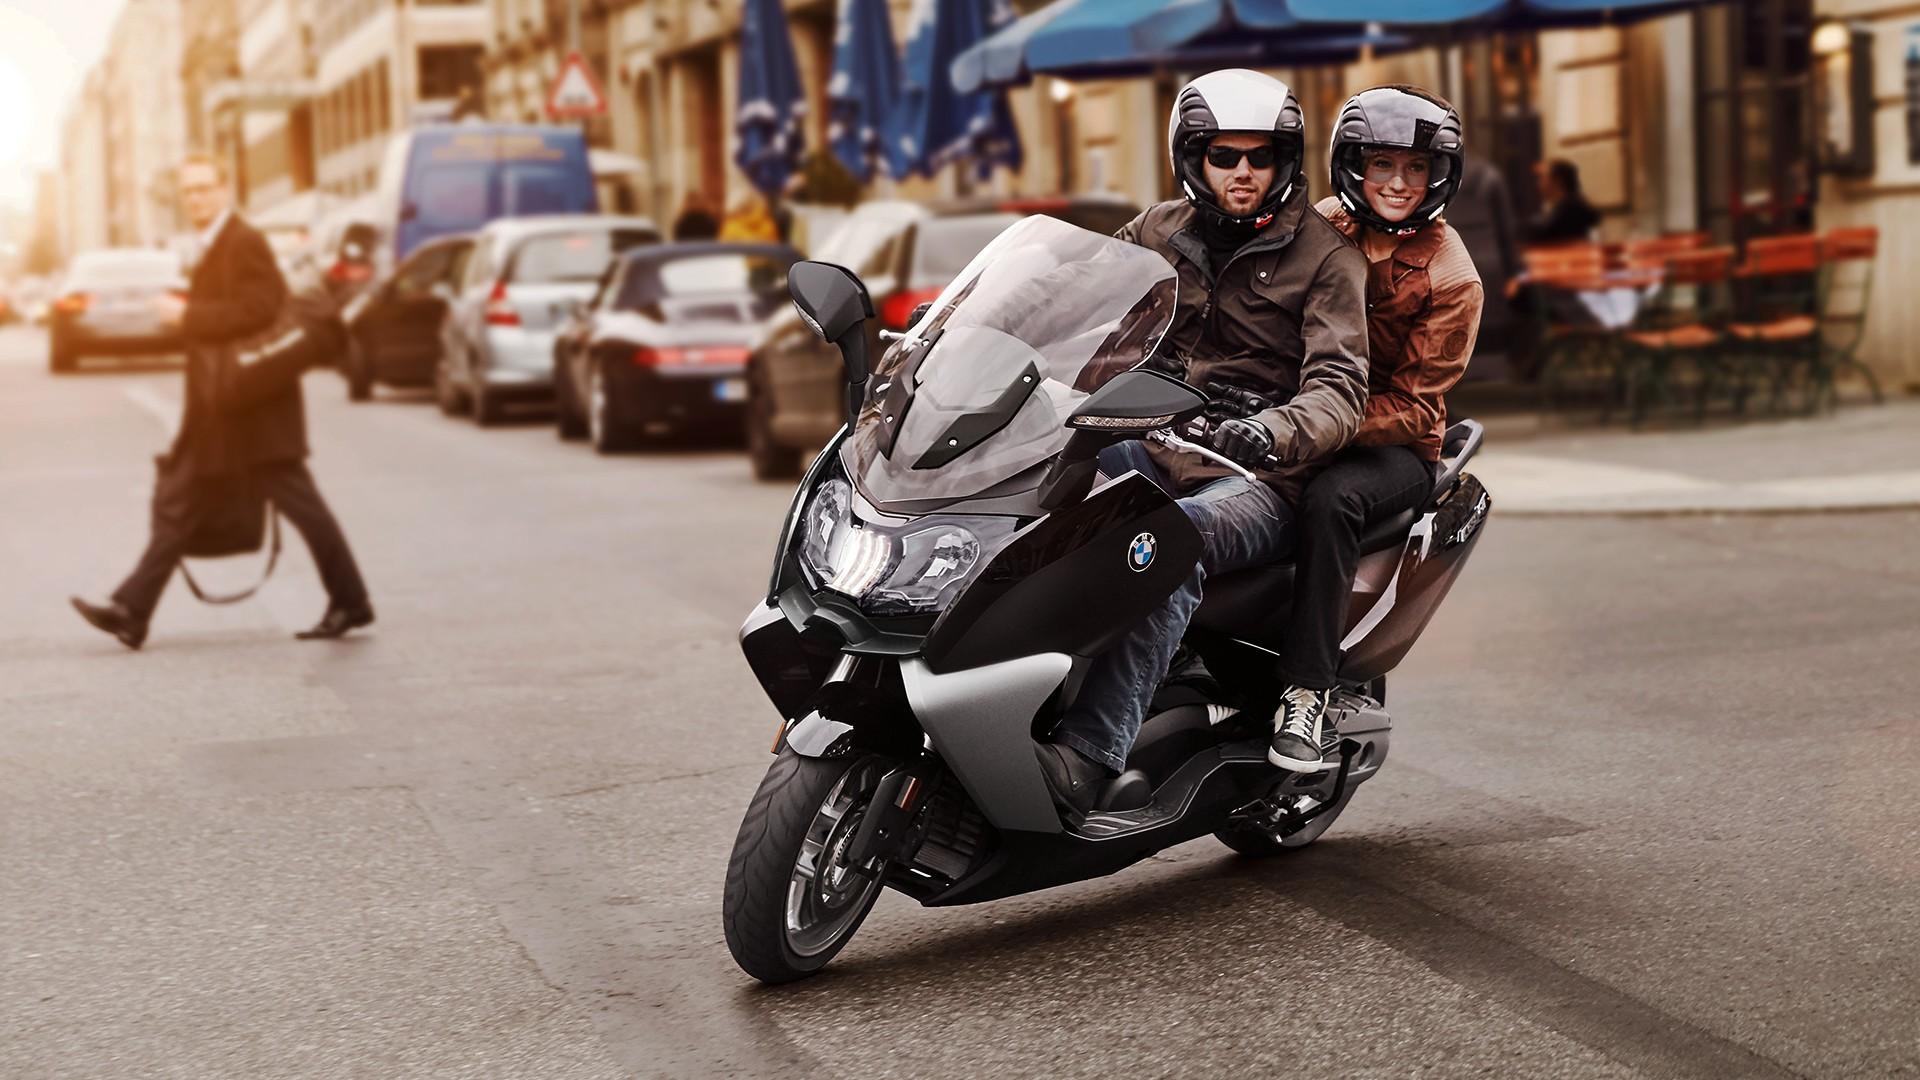 2011 рік - світлодіодний денний ходовий ліхтар для максі-скутерів BMW